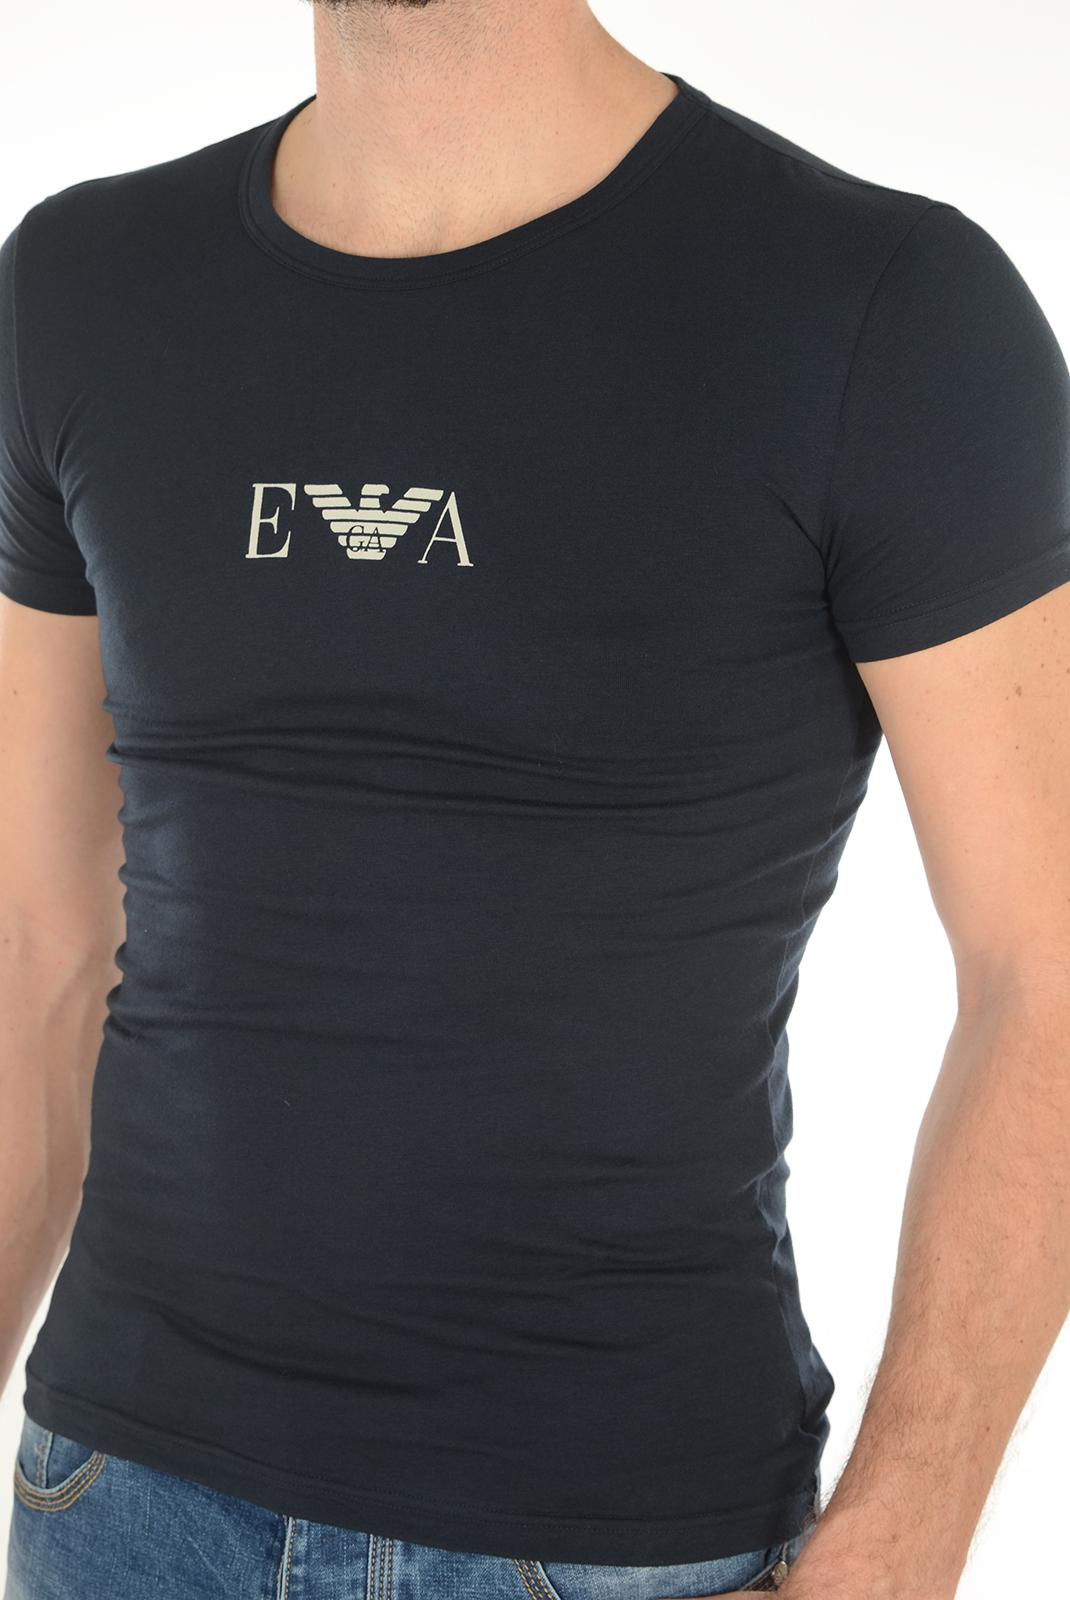 T-S manches courtes  Emporio armani 111035 6A715 0135 BLEU